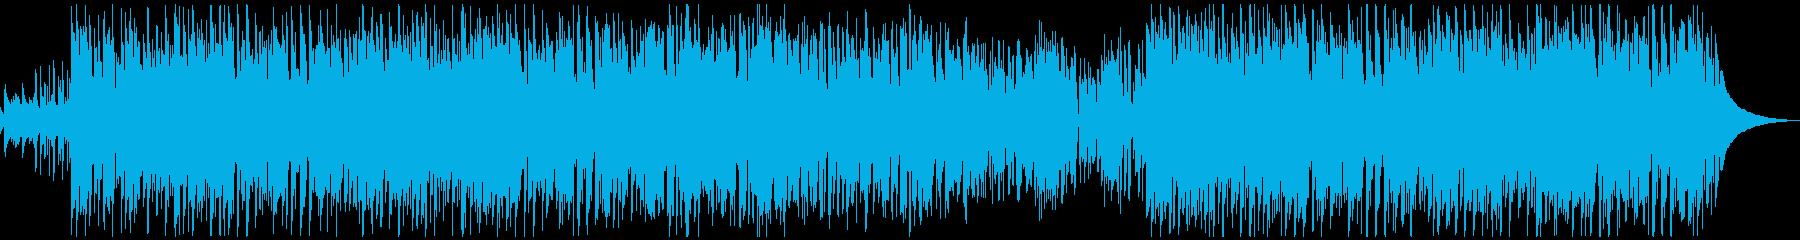 日常系のほのぼのかわいいBGMの再生済みの波形